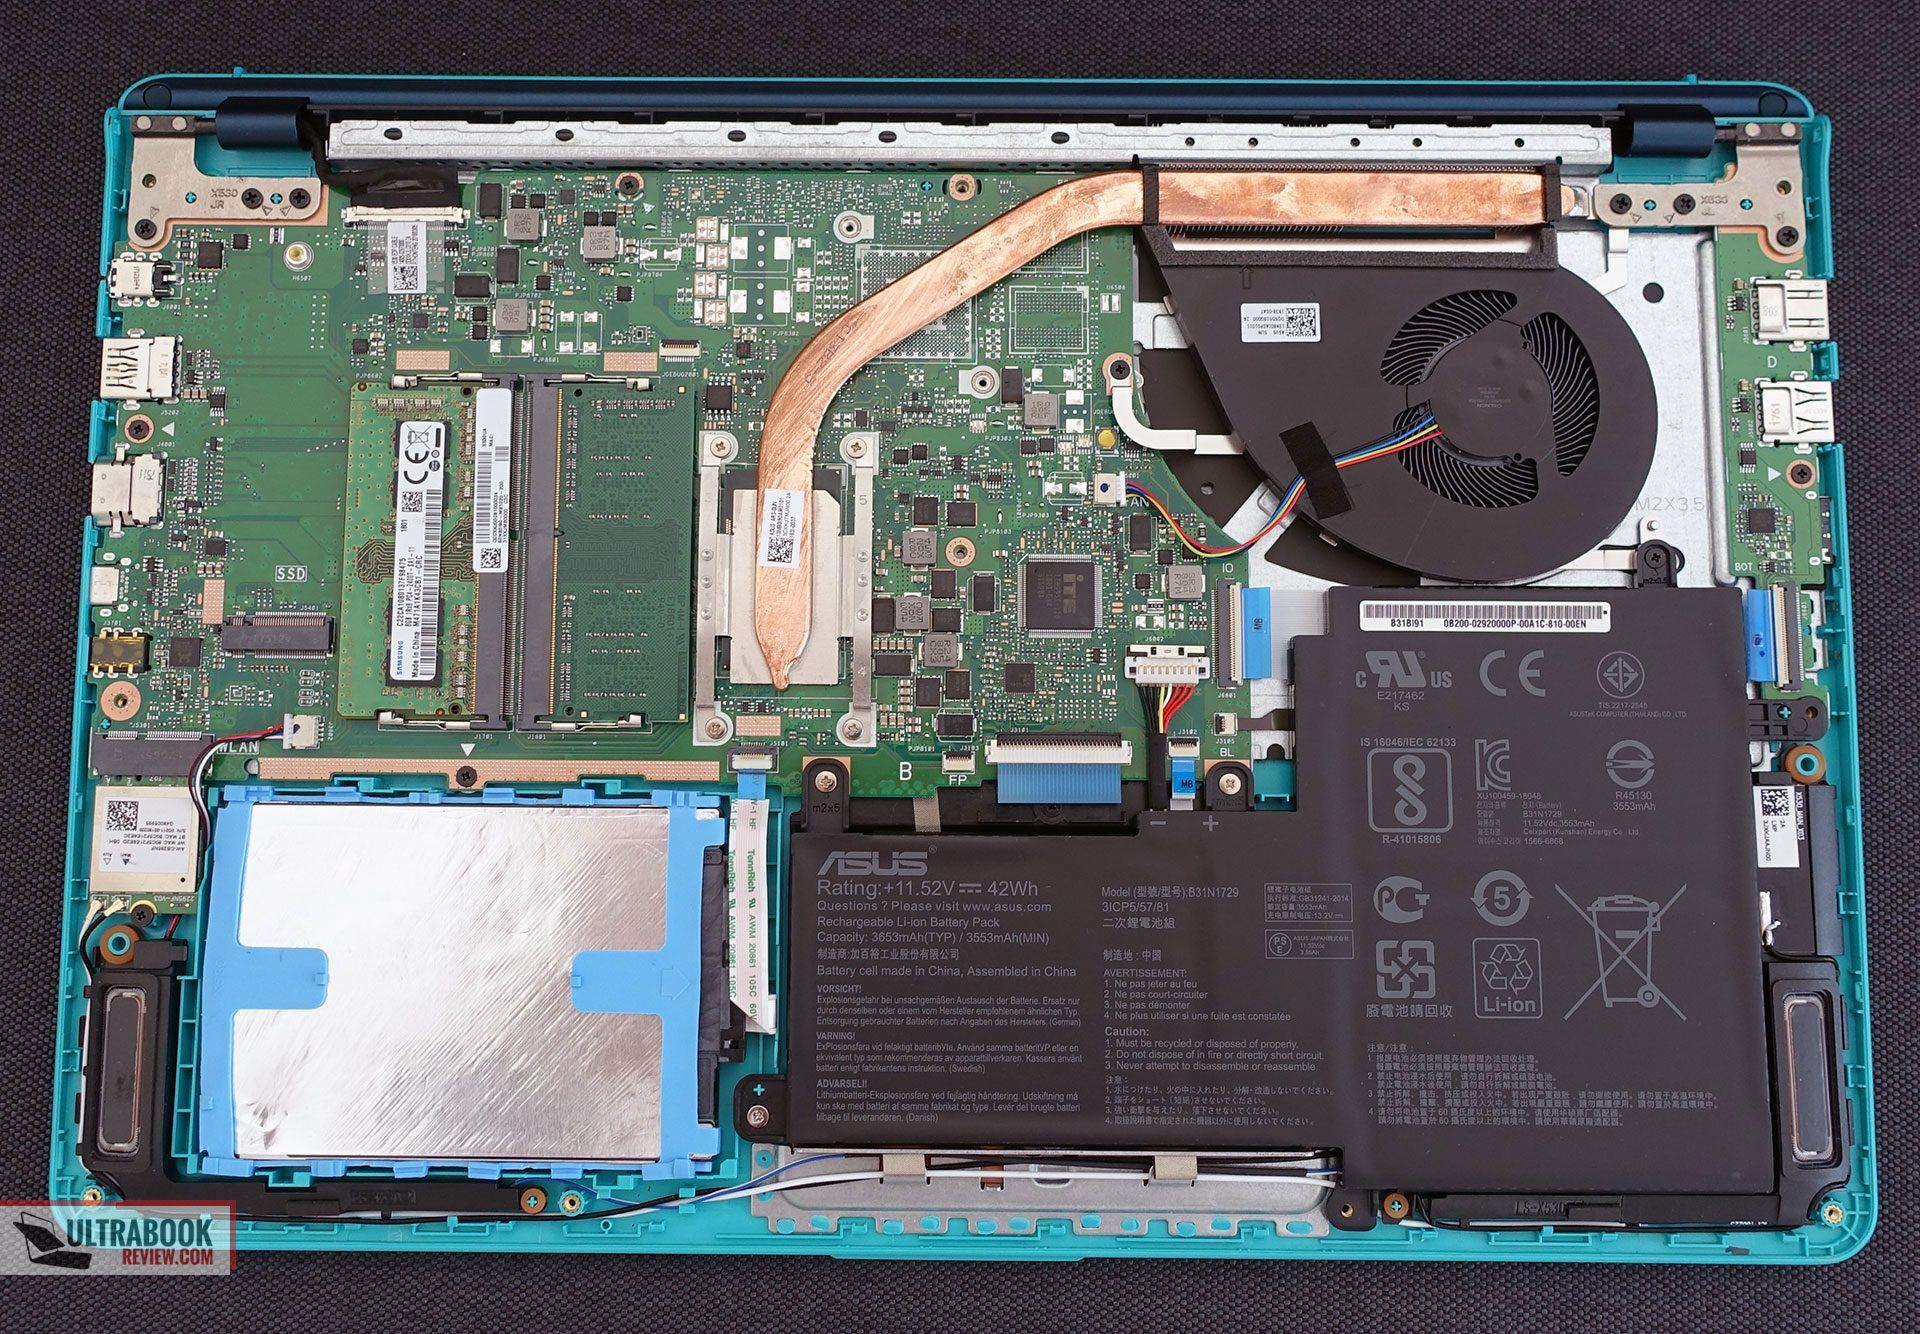 Asus VivoBook S15 S530 review (S530UA - i7-8750U, UHD 620